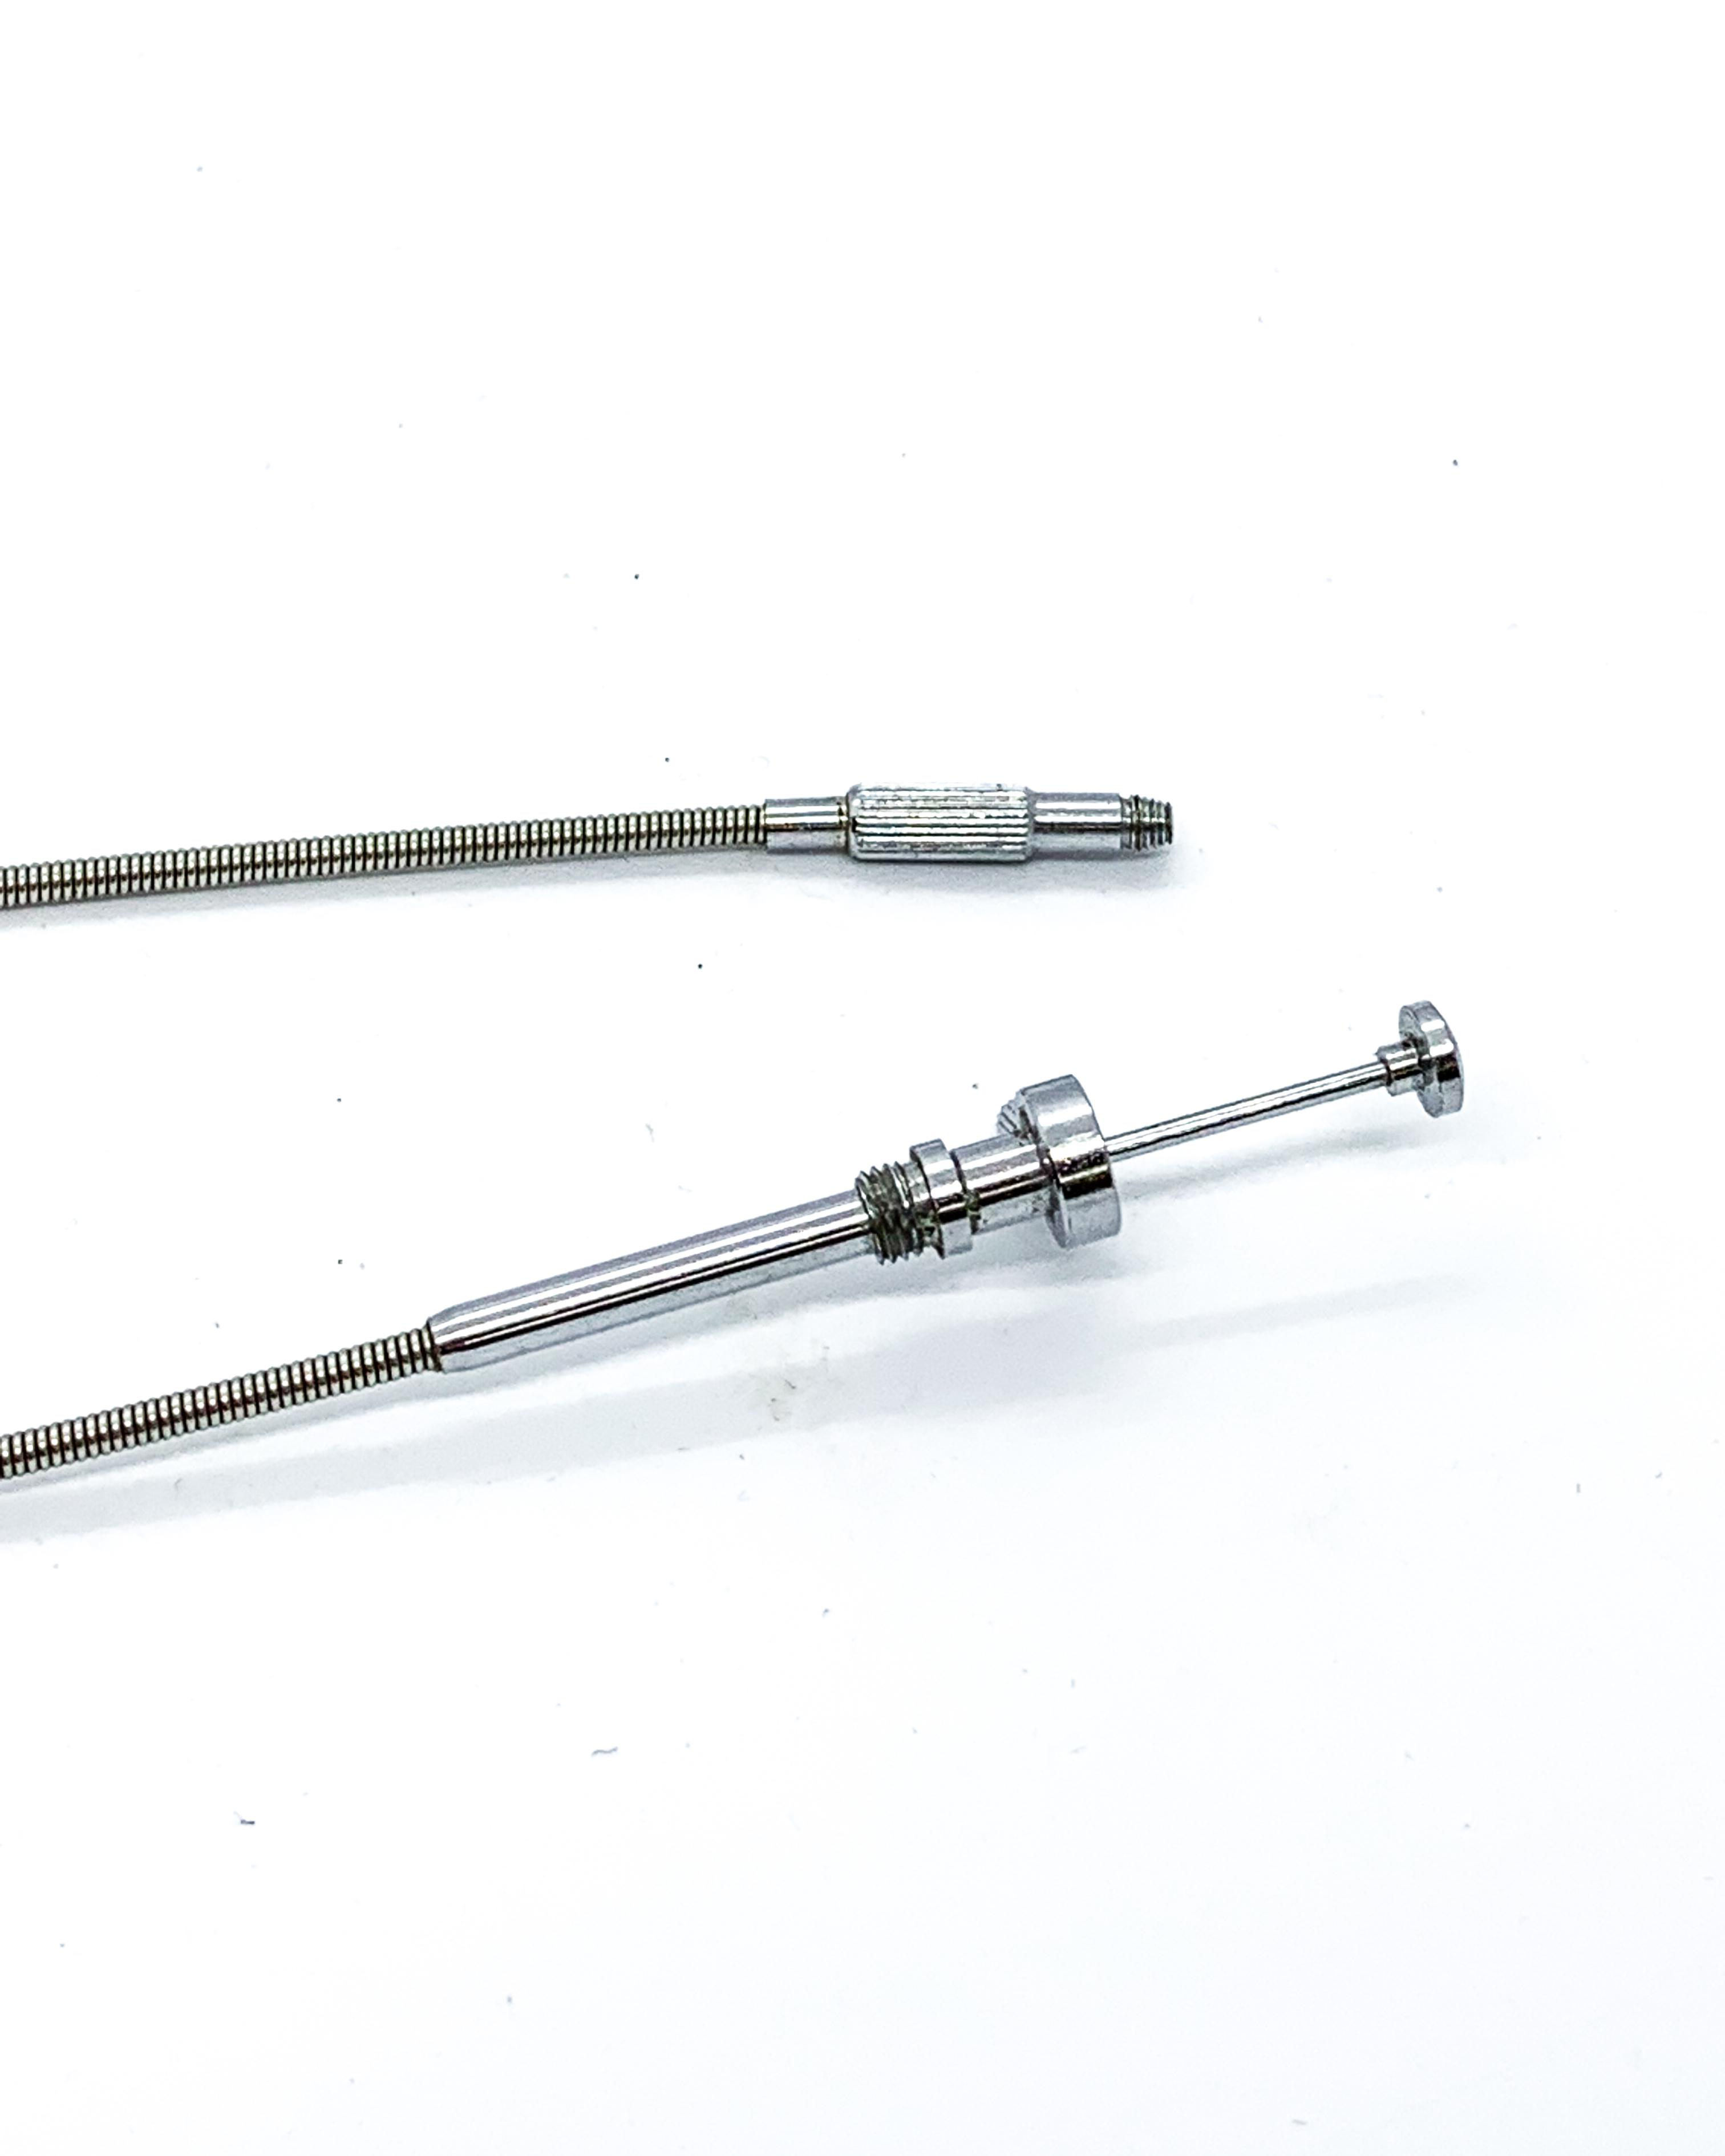 Fantastic Vintage Metal Shutter Release Cable